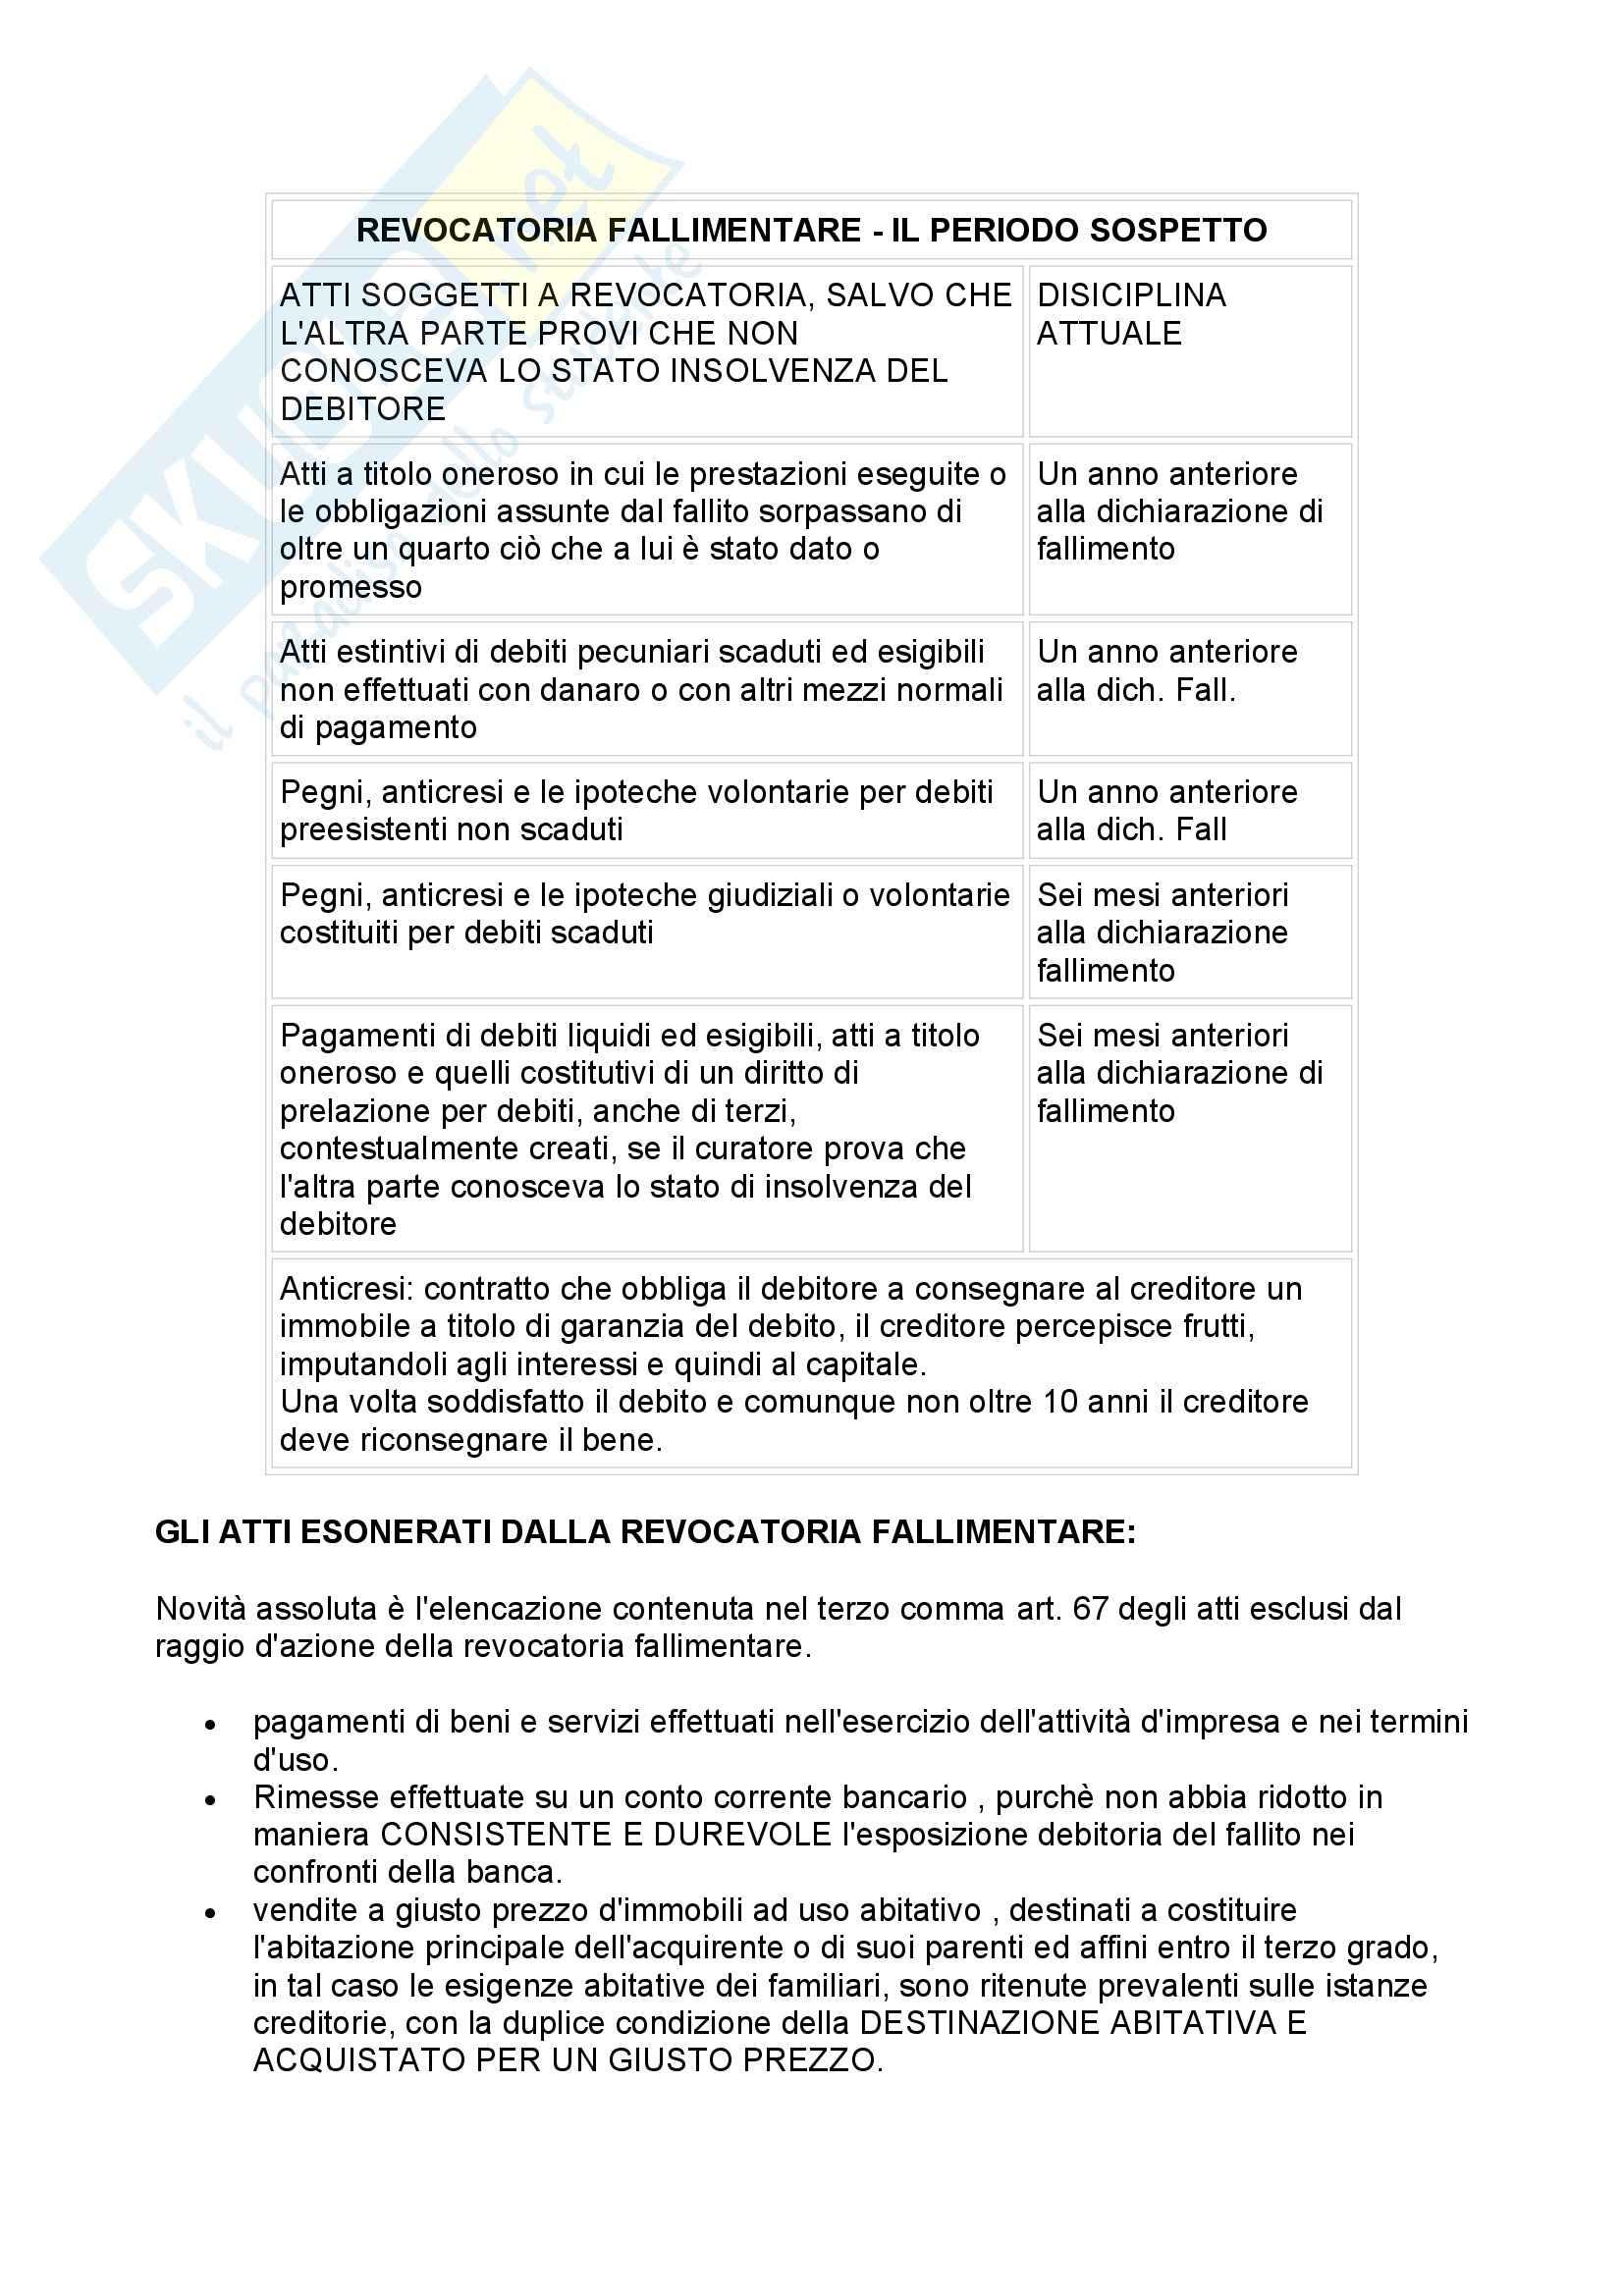 Diritto fallimentare - Appunti Pag. 46